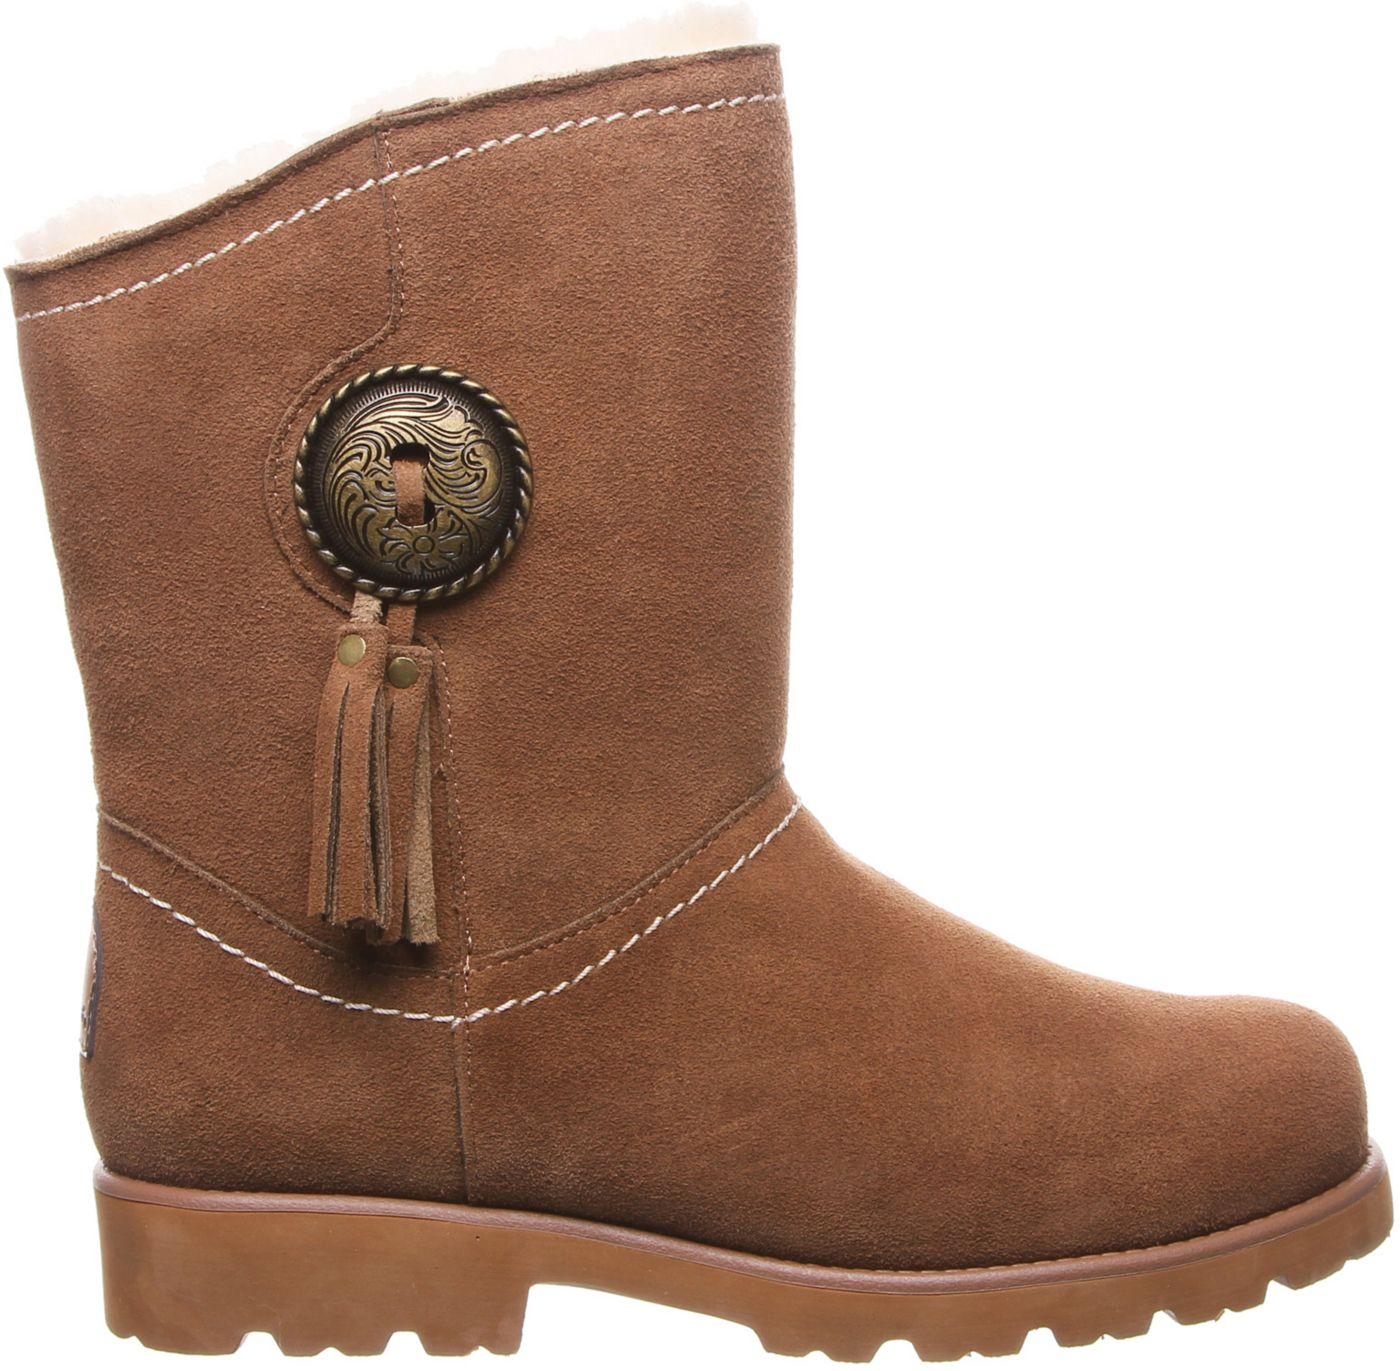 BEARPAW Women's Winslow Winter Boots